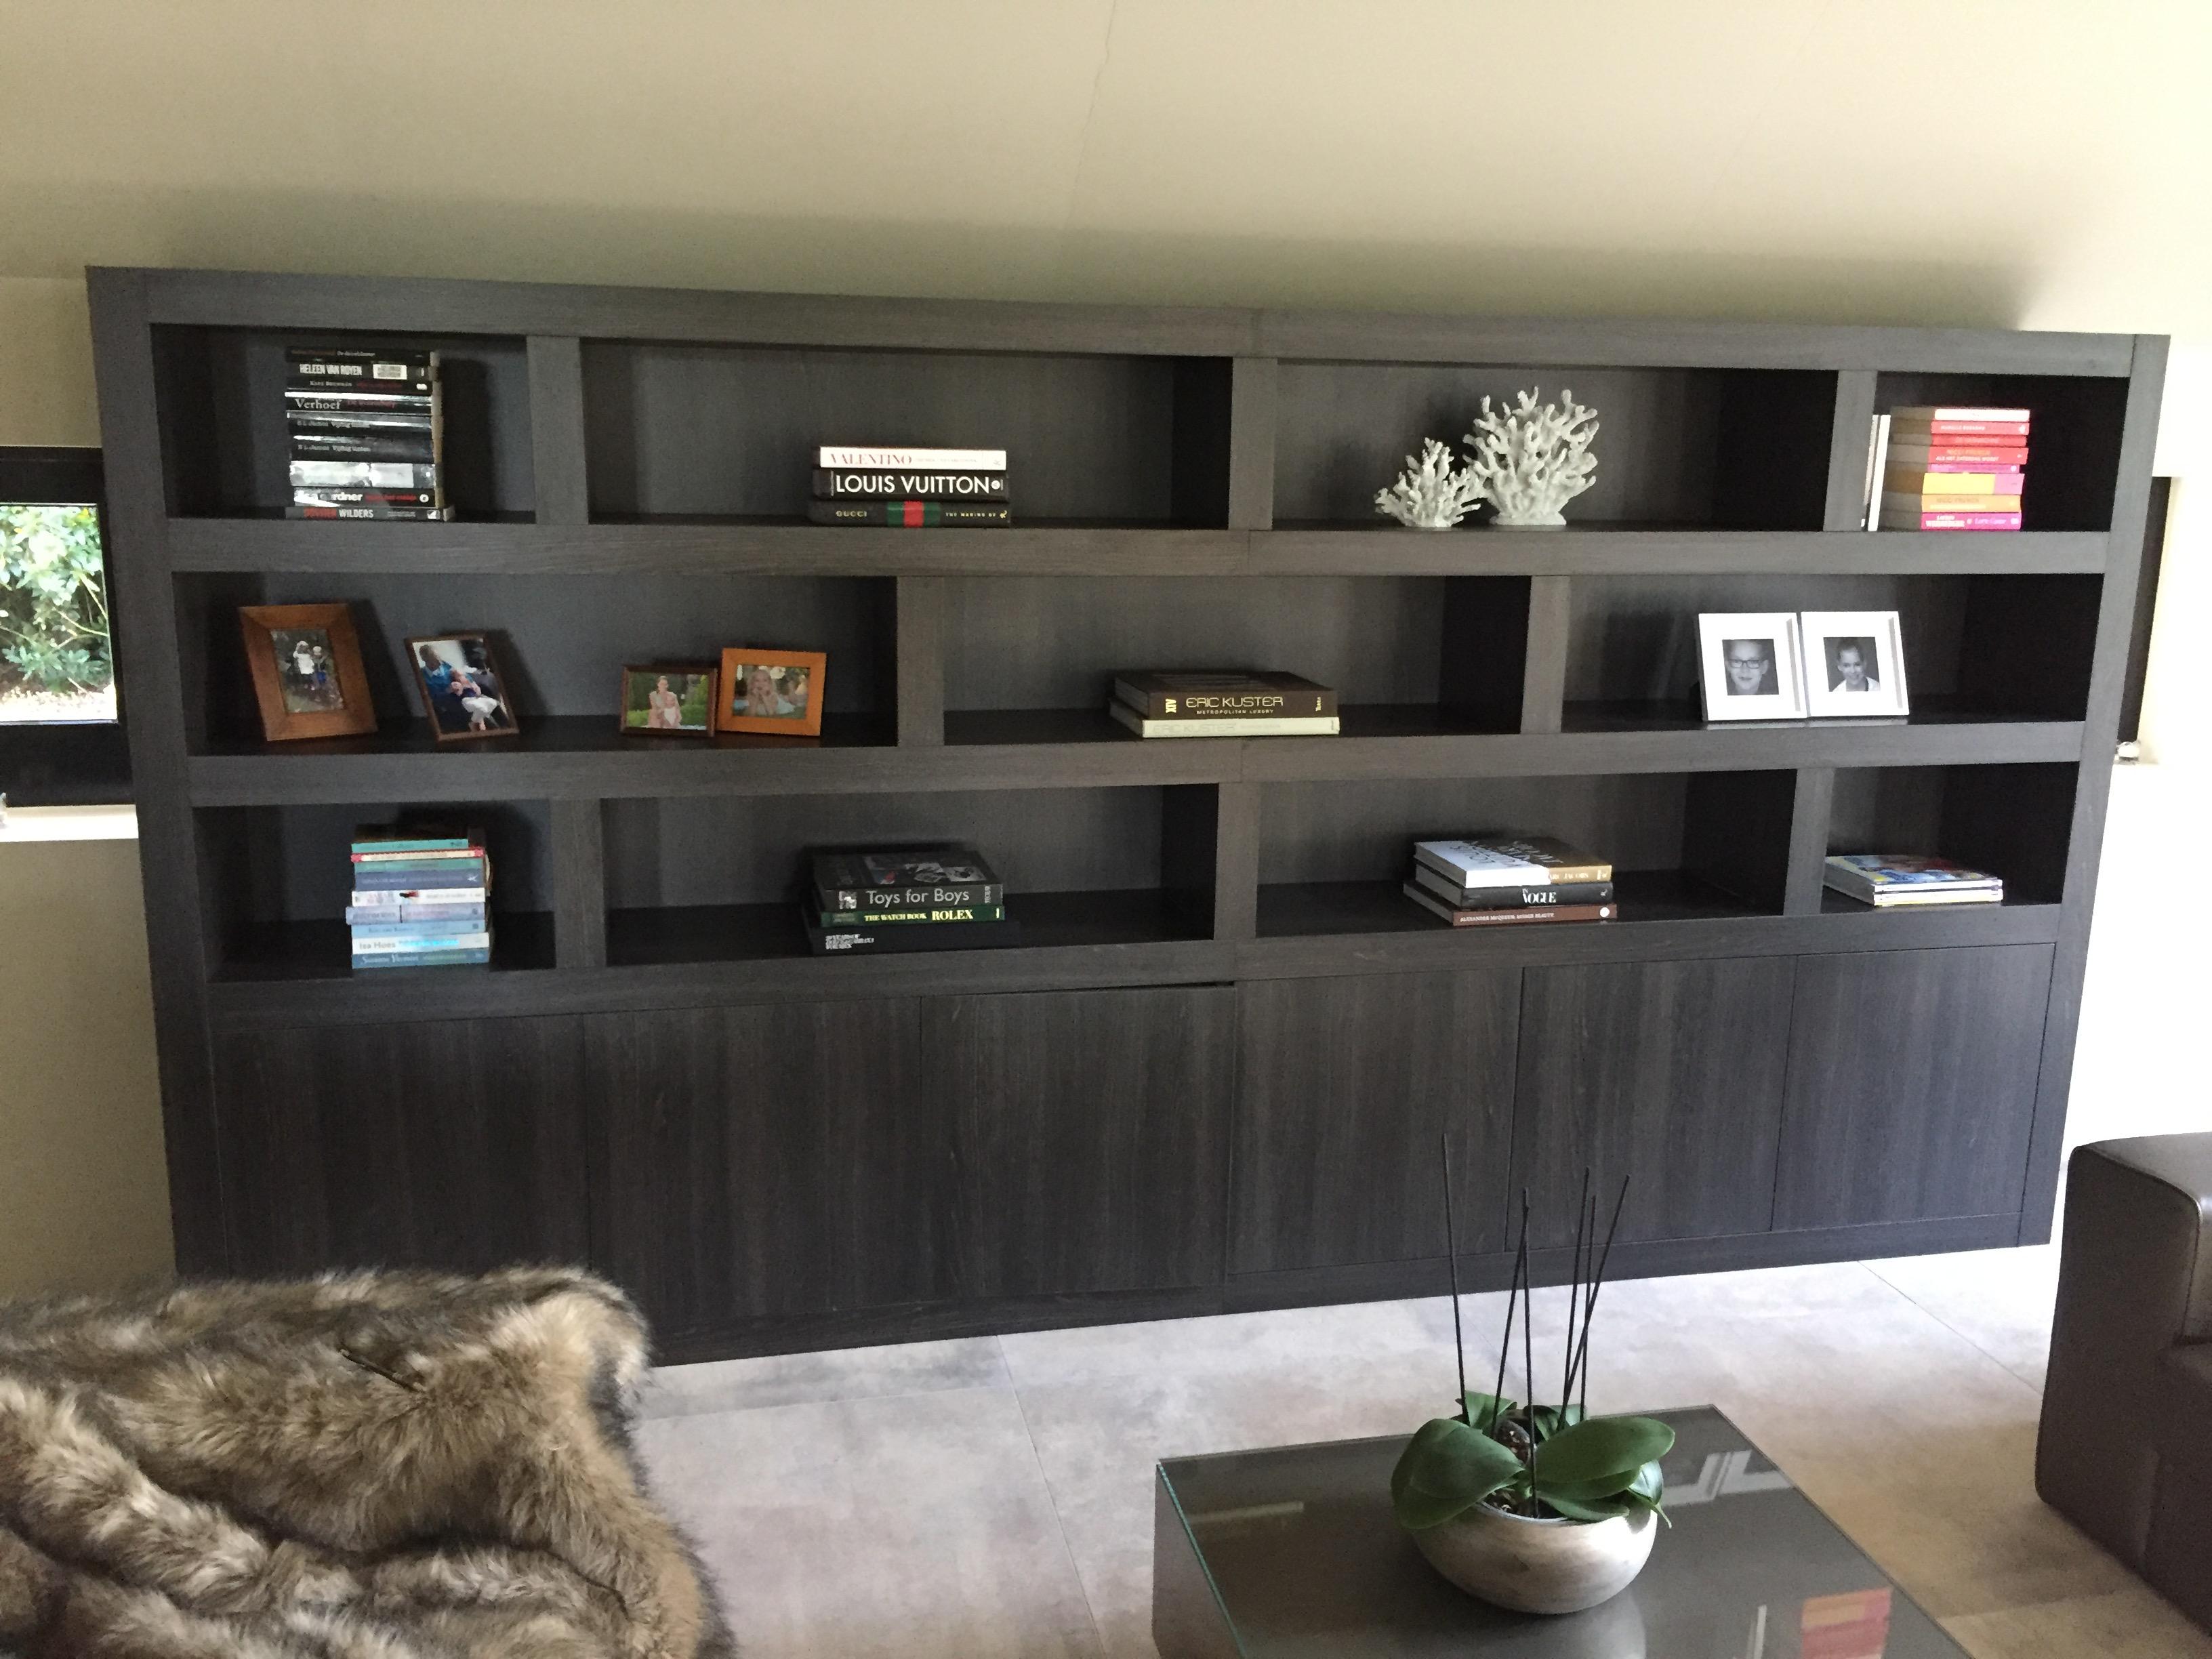 Design Meubels Groningen : Design meubels groningen best fabulous vos interieur groningen